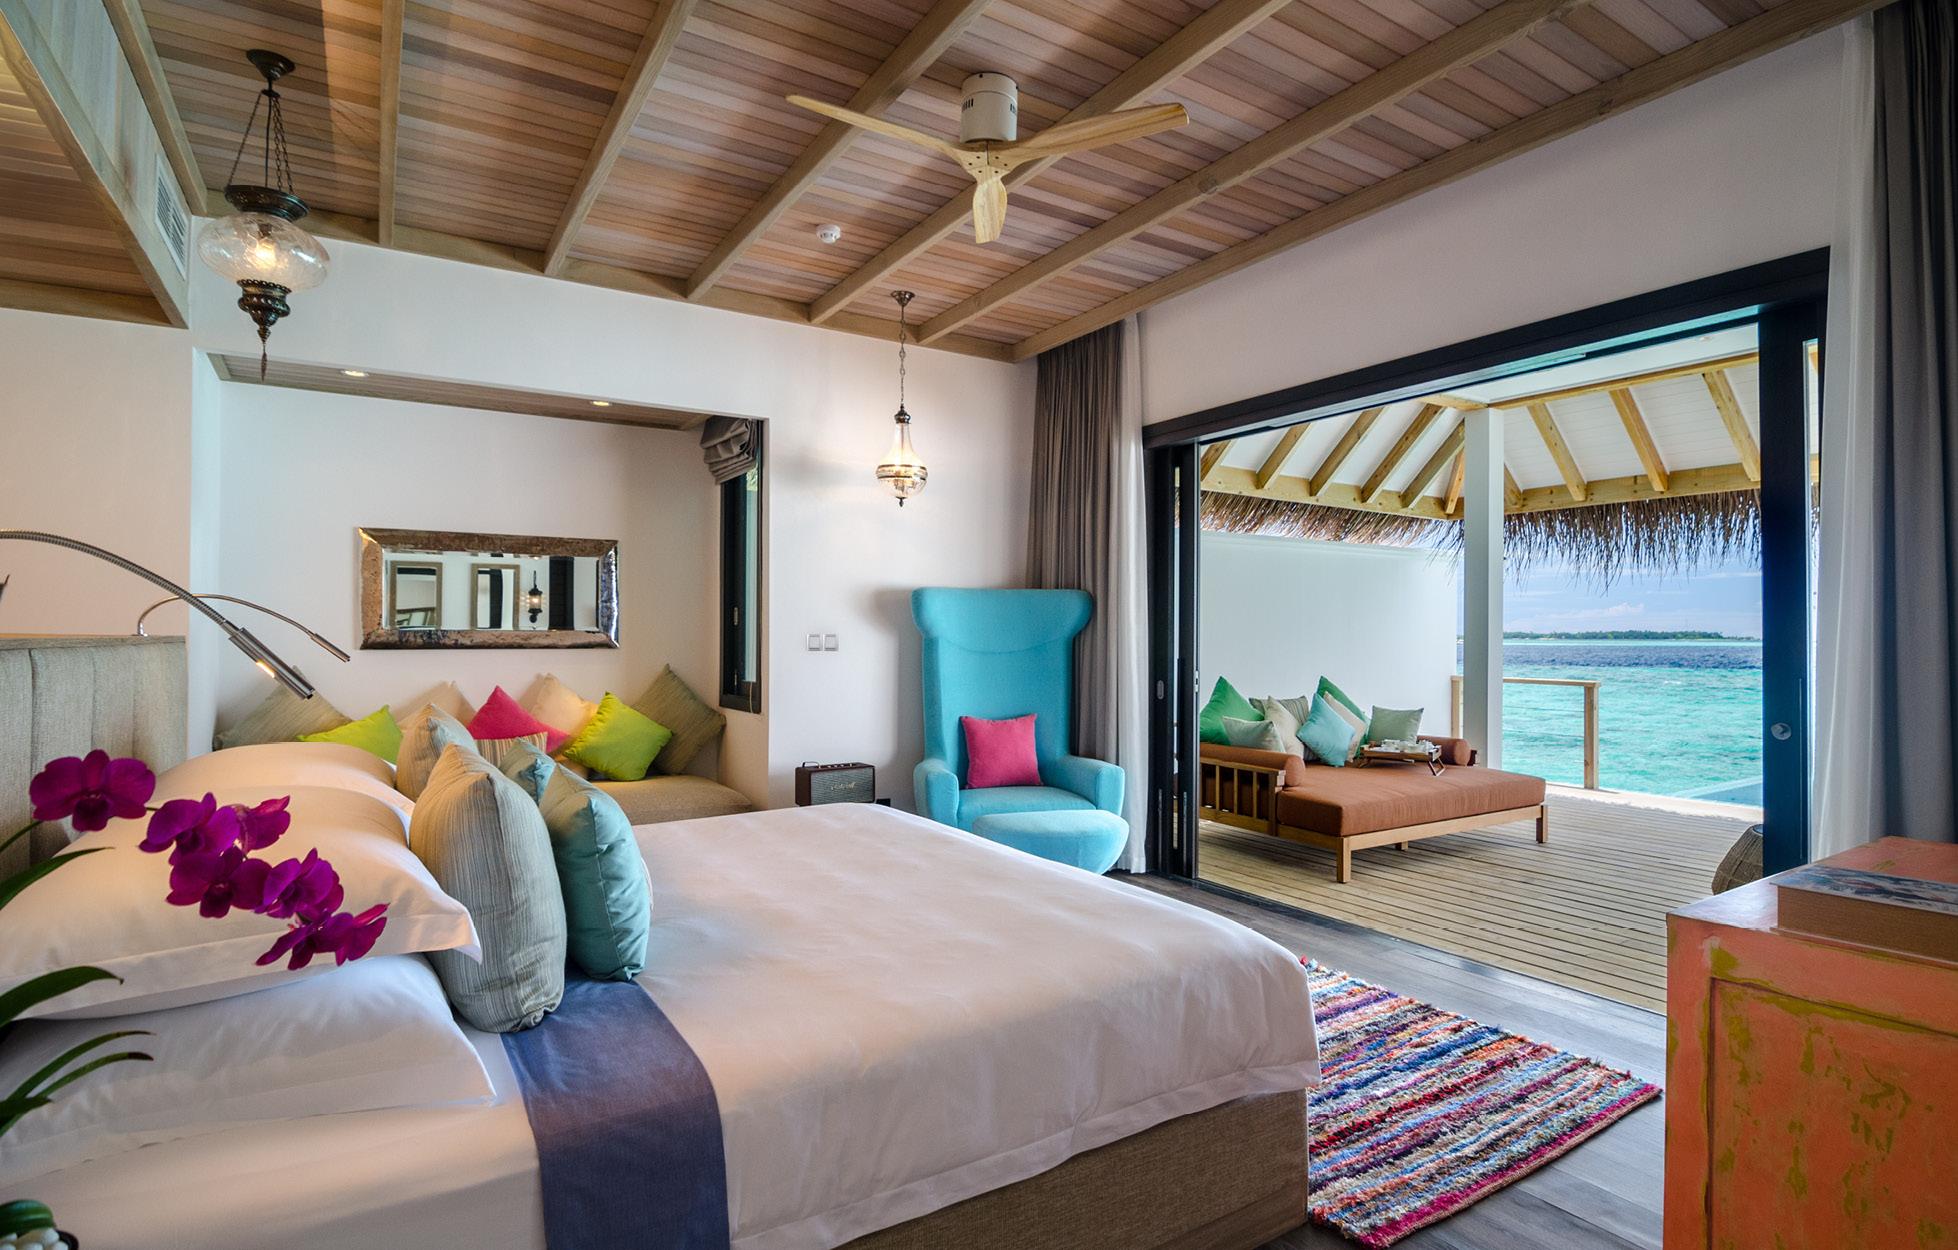 finolhu ocean villa with pool room